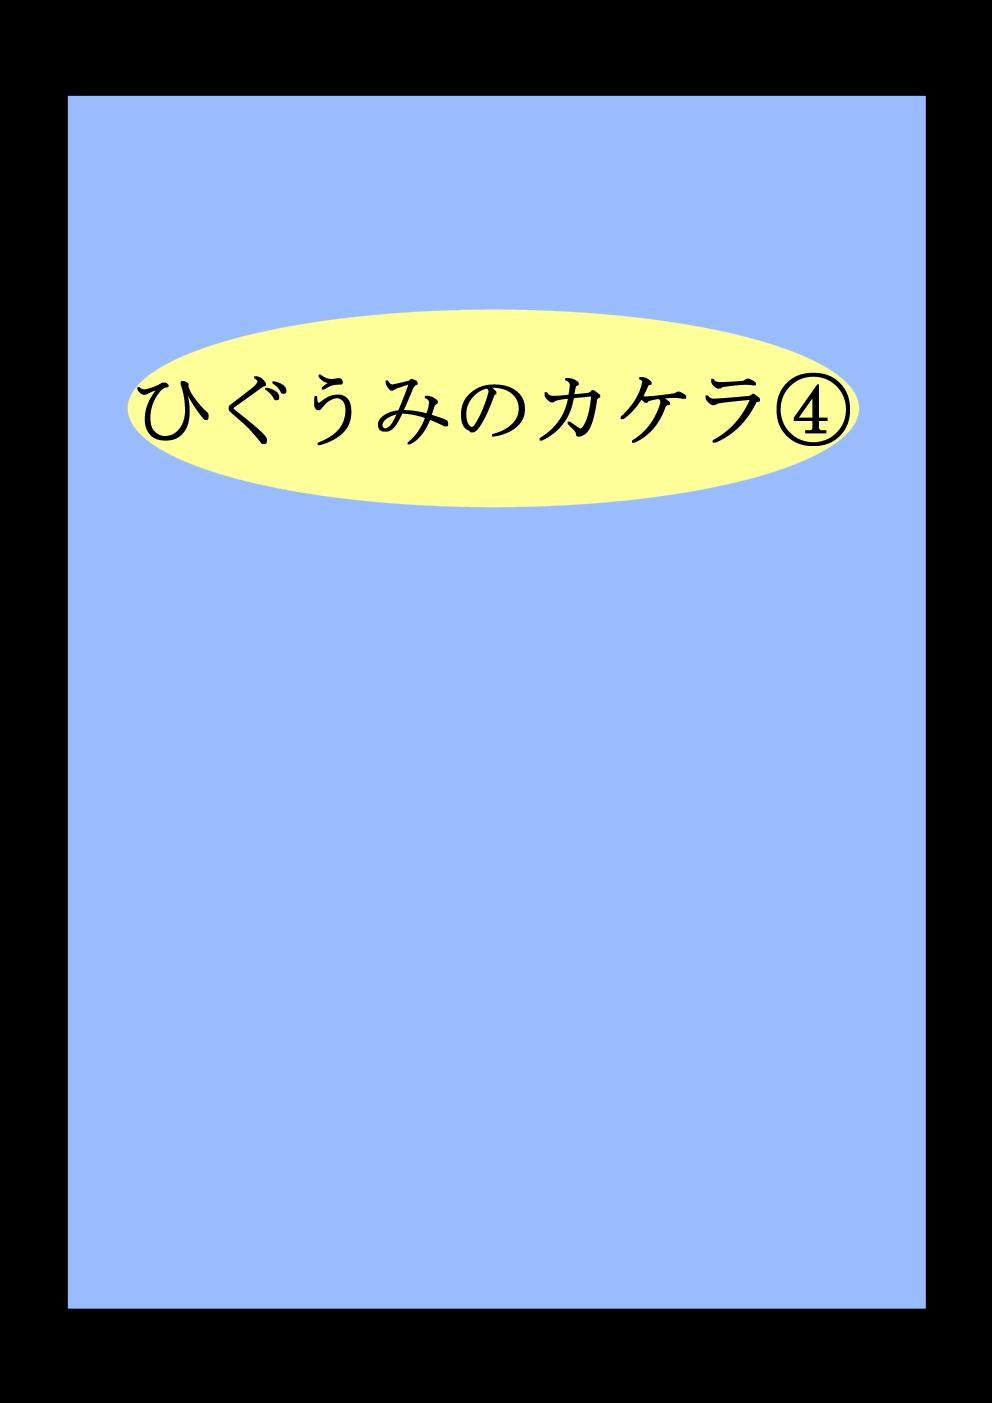 higuumi4